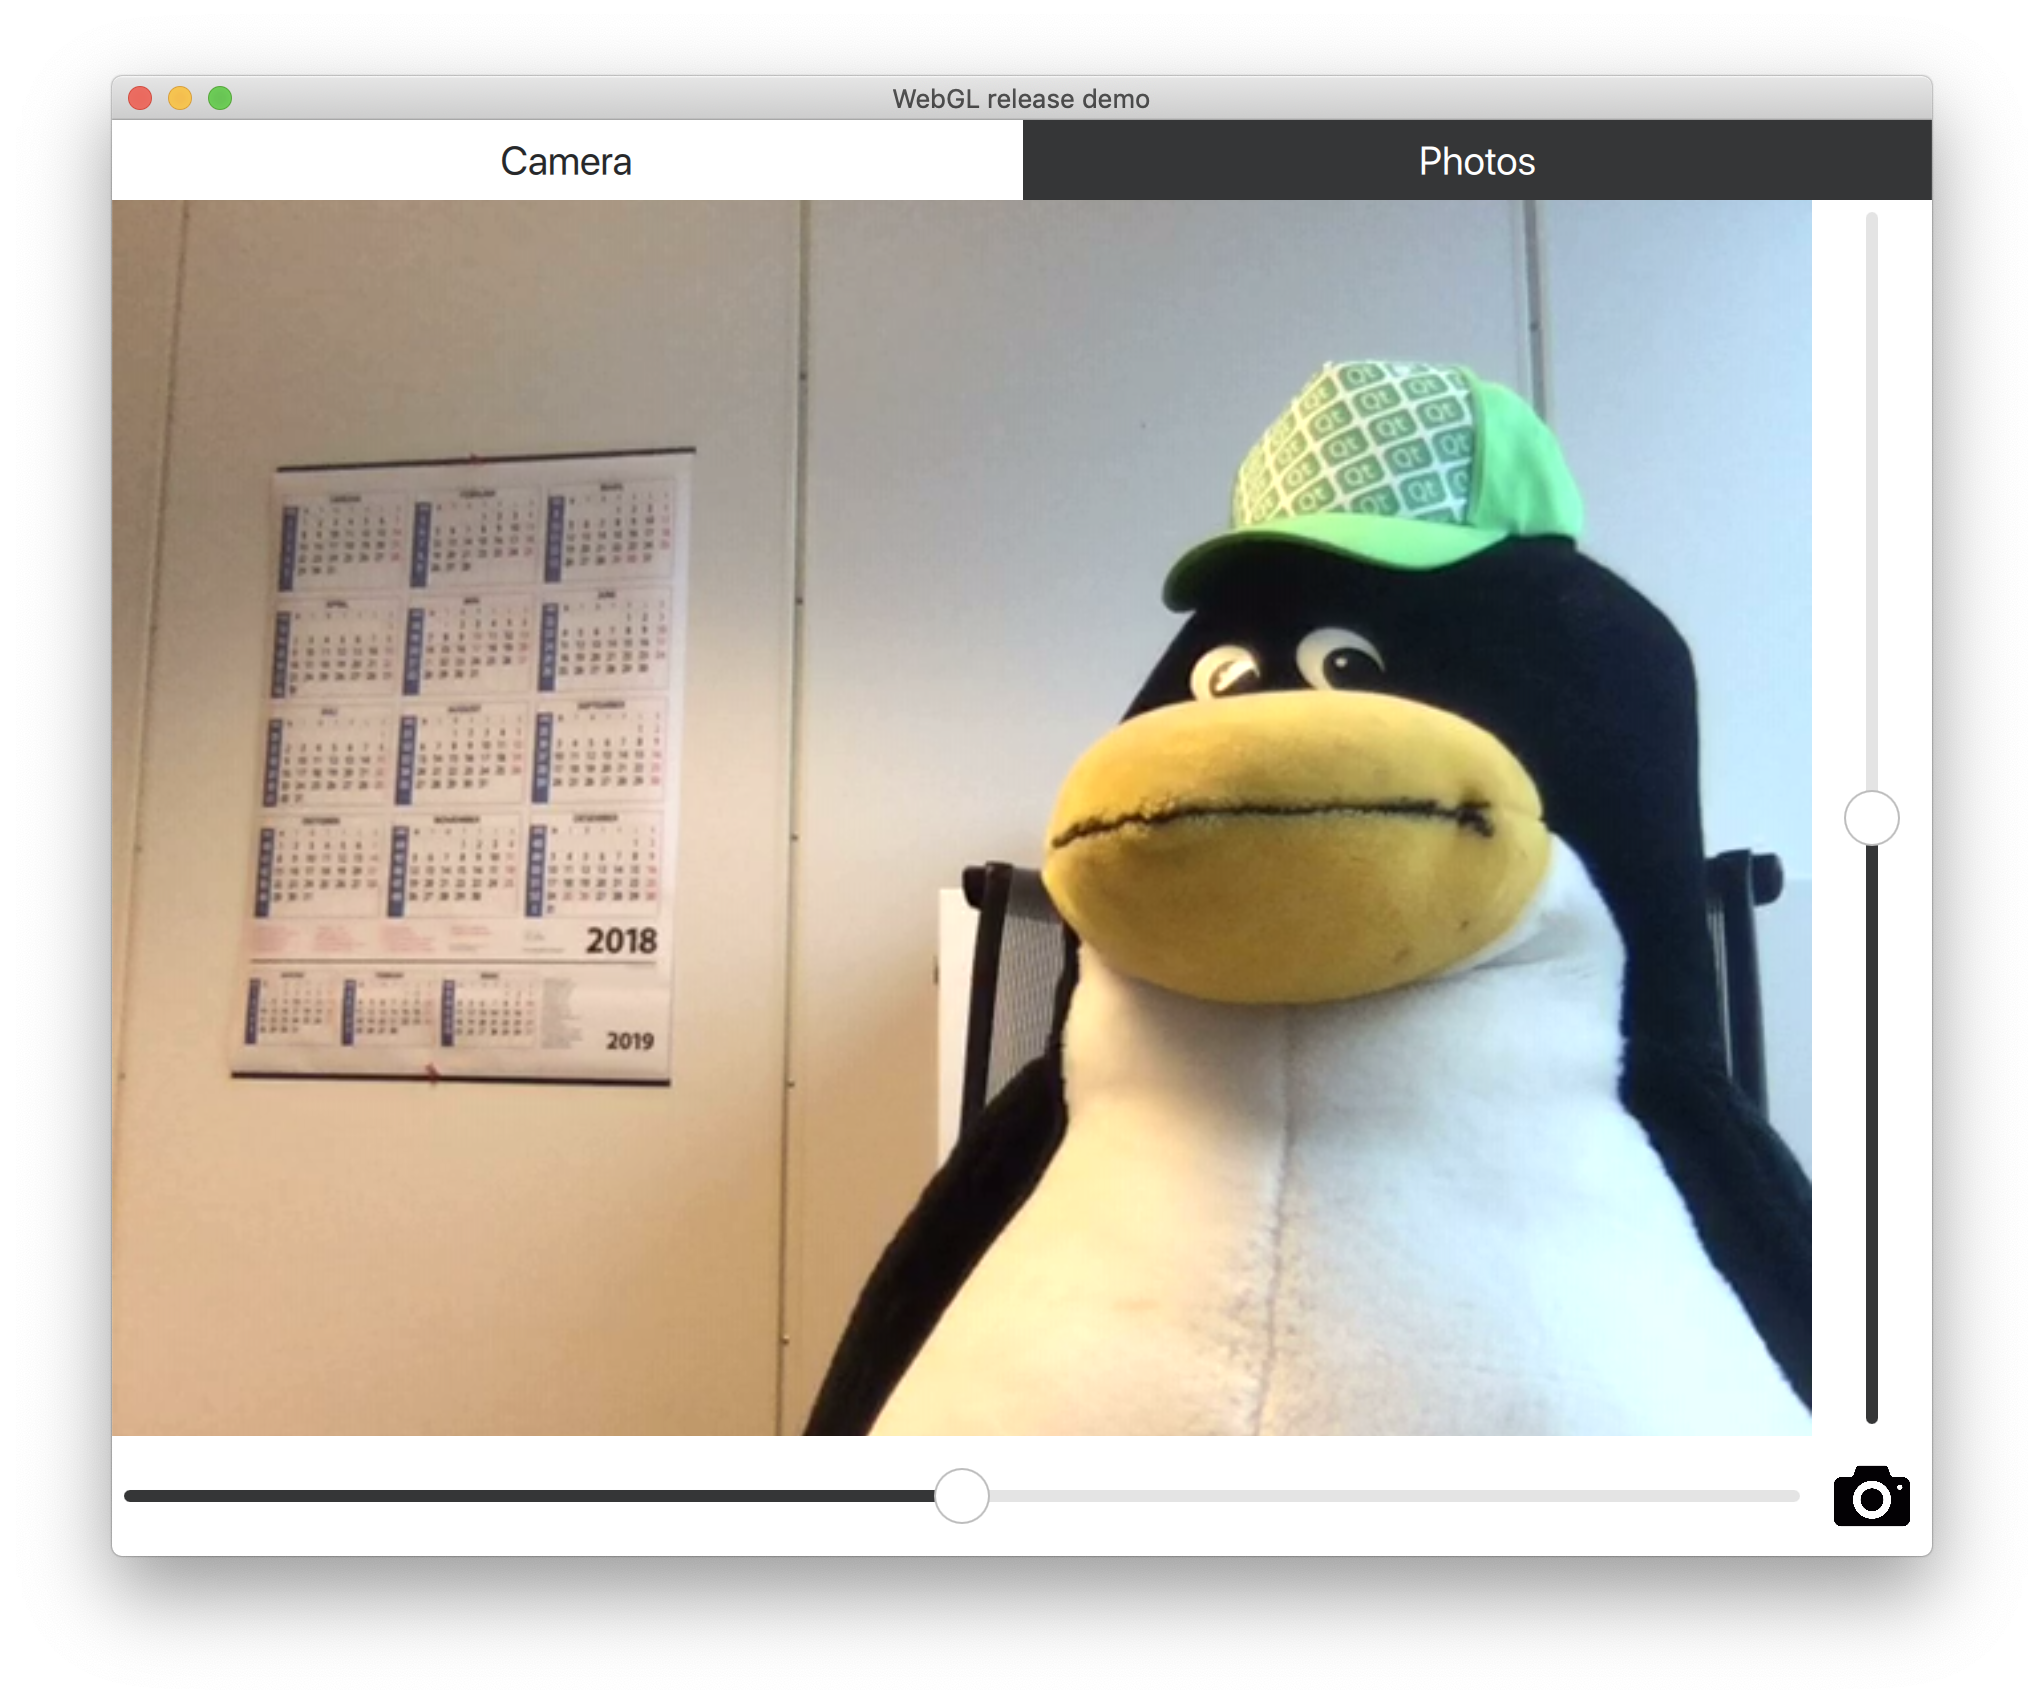 webgl-release-blog/img/webgl-release-mac-camera.png